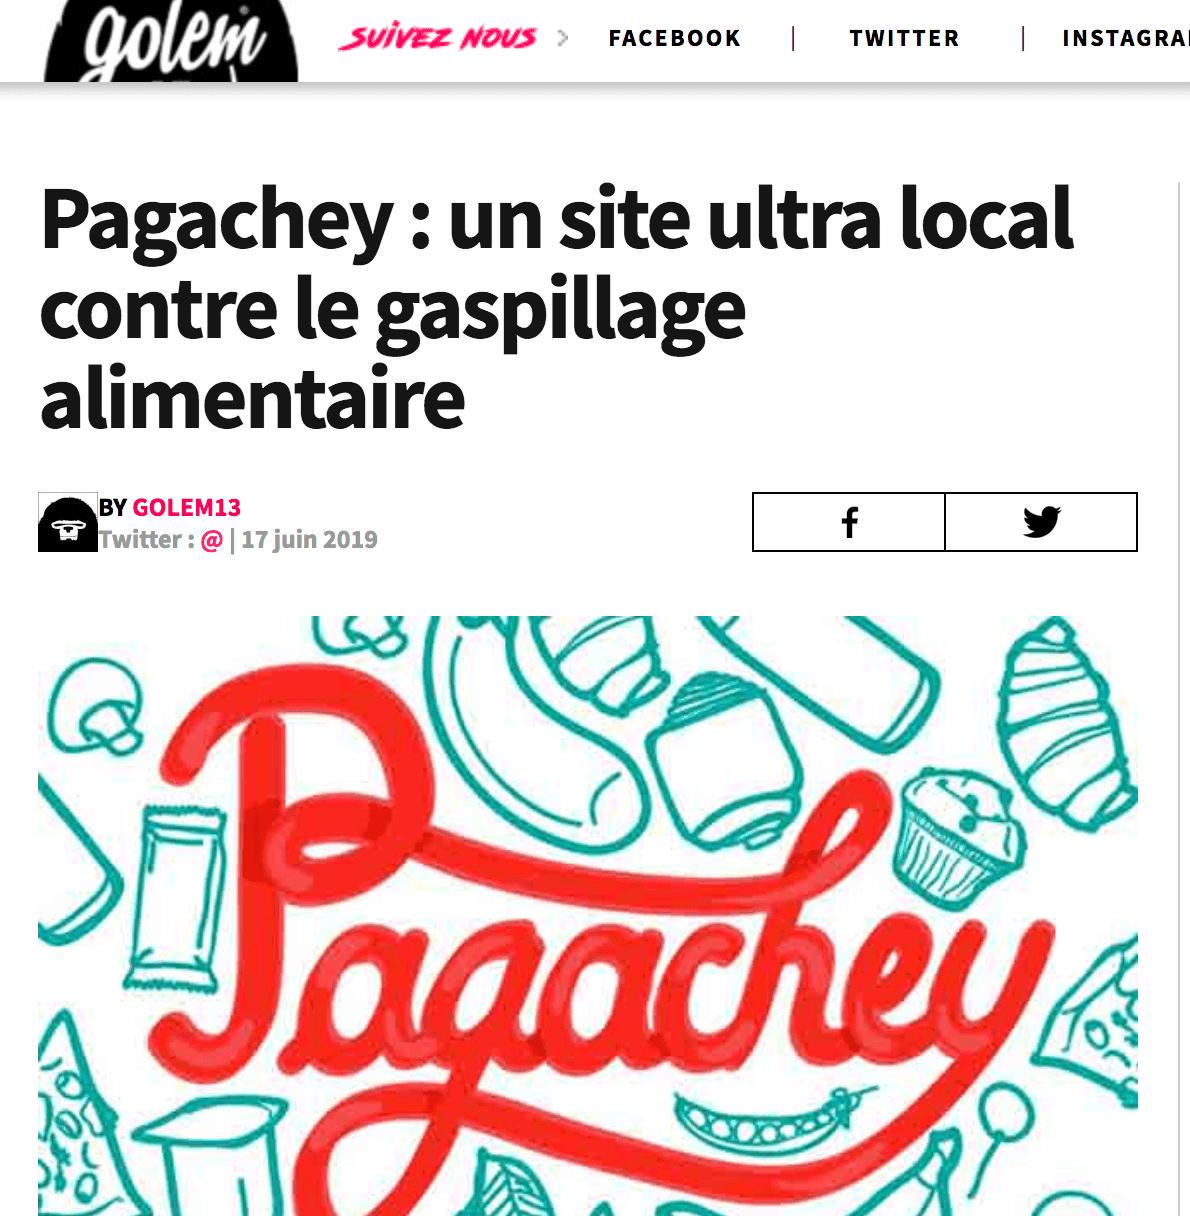 Le site de divertissement Golem13 met en avant Pagachey